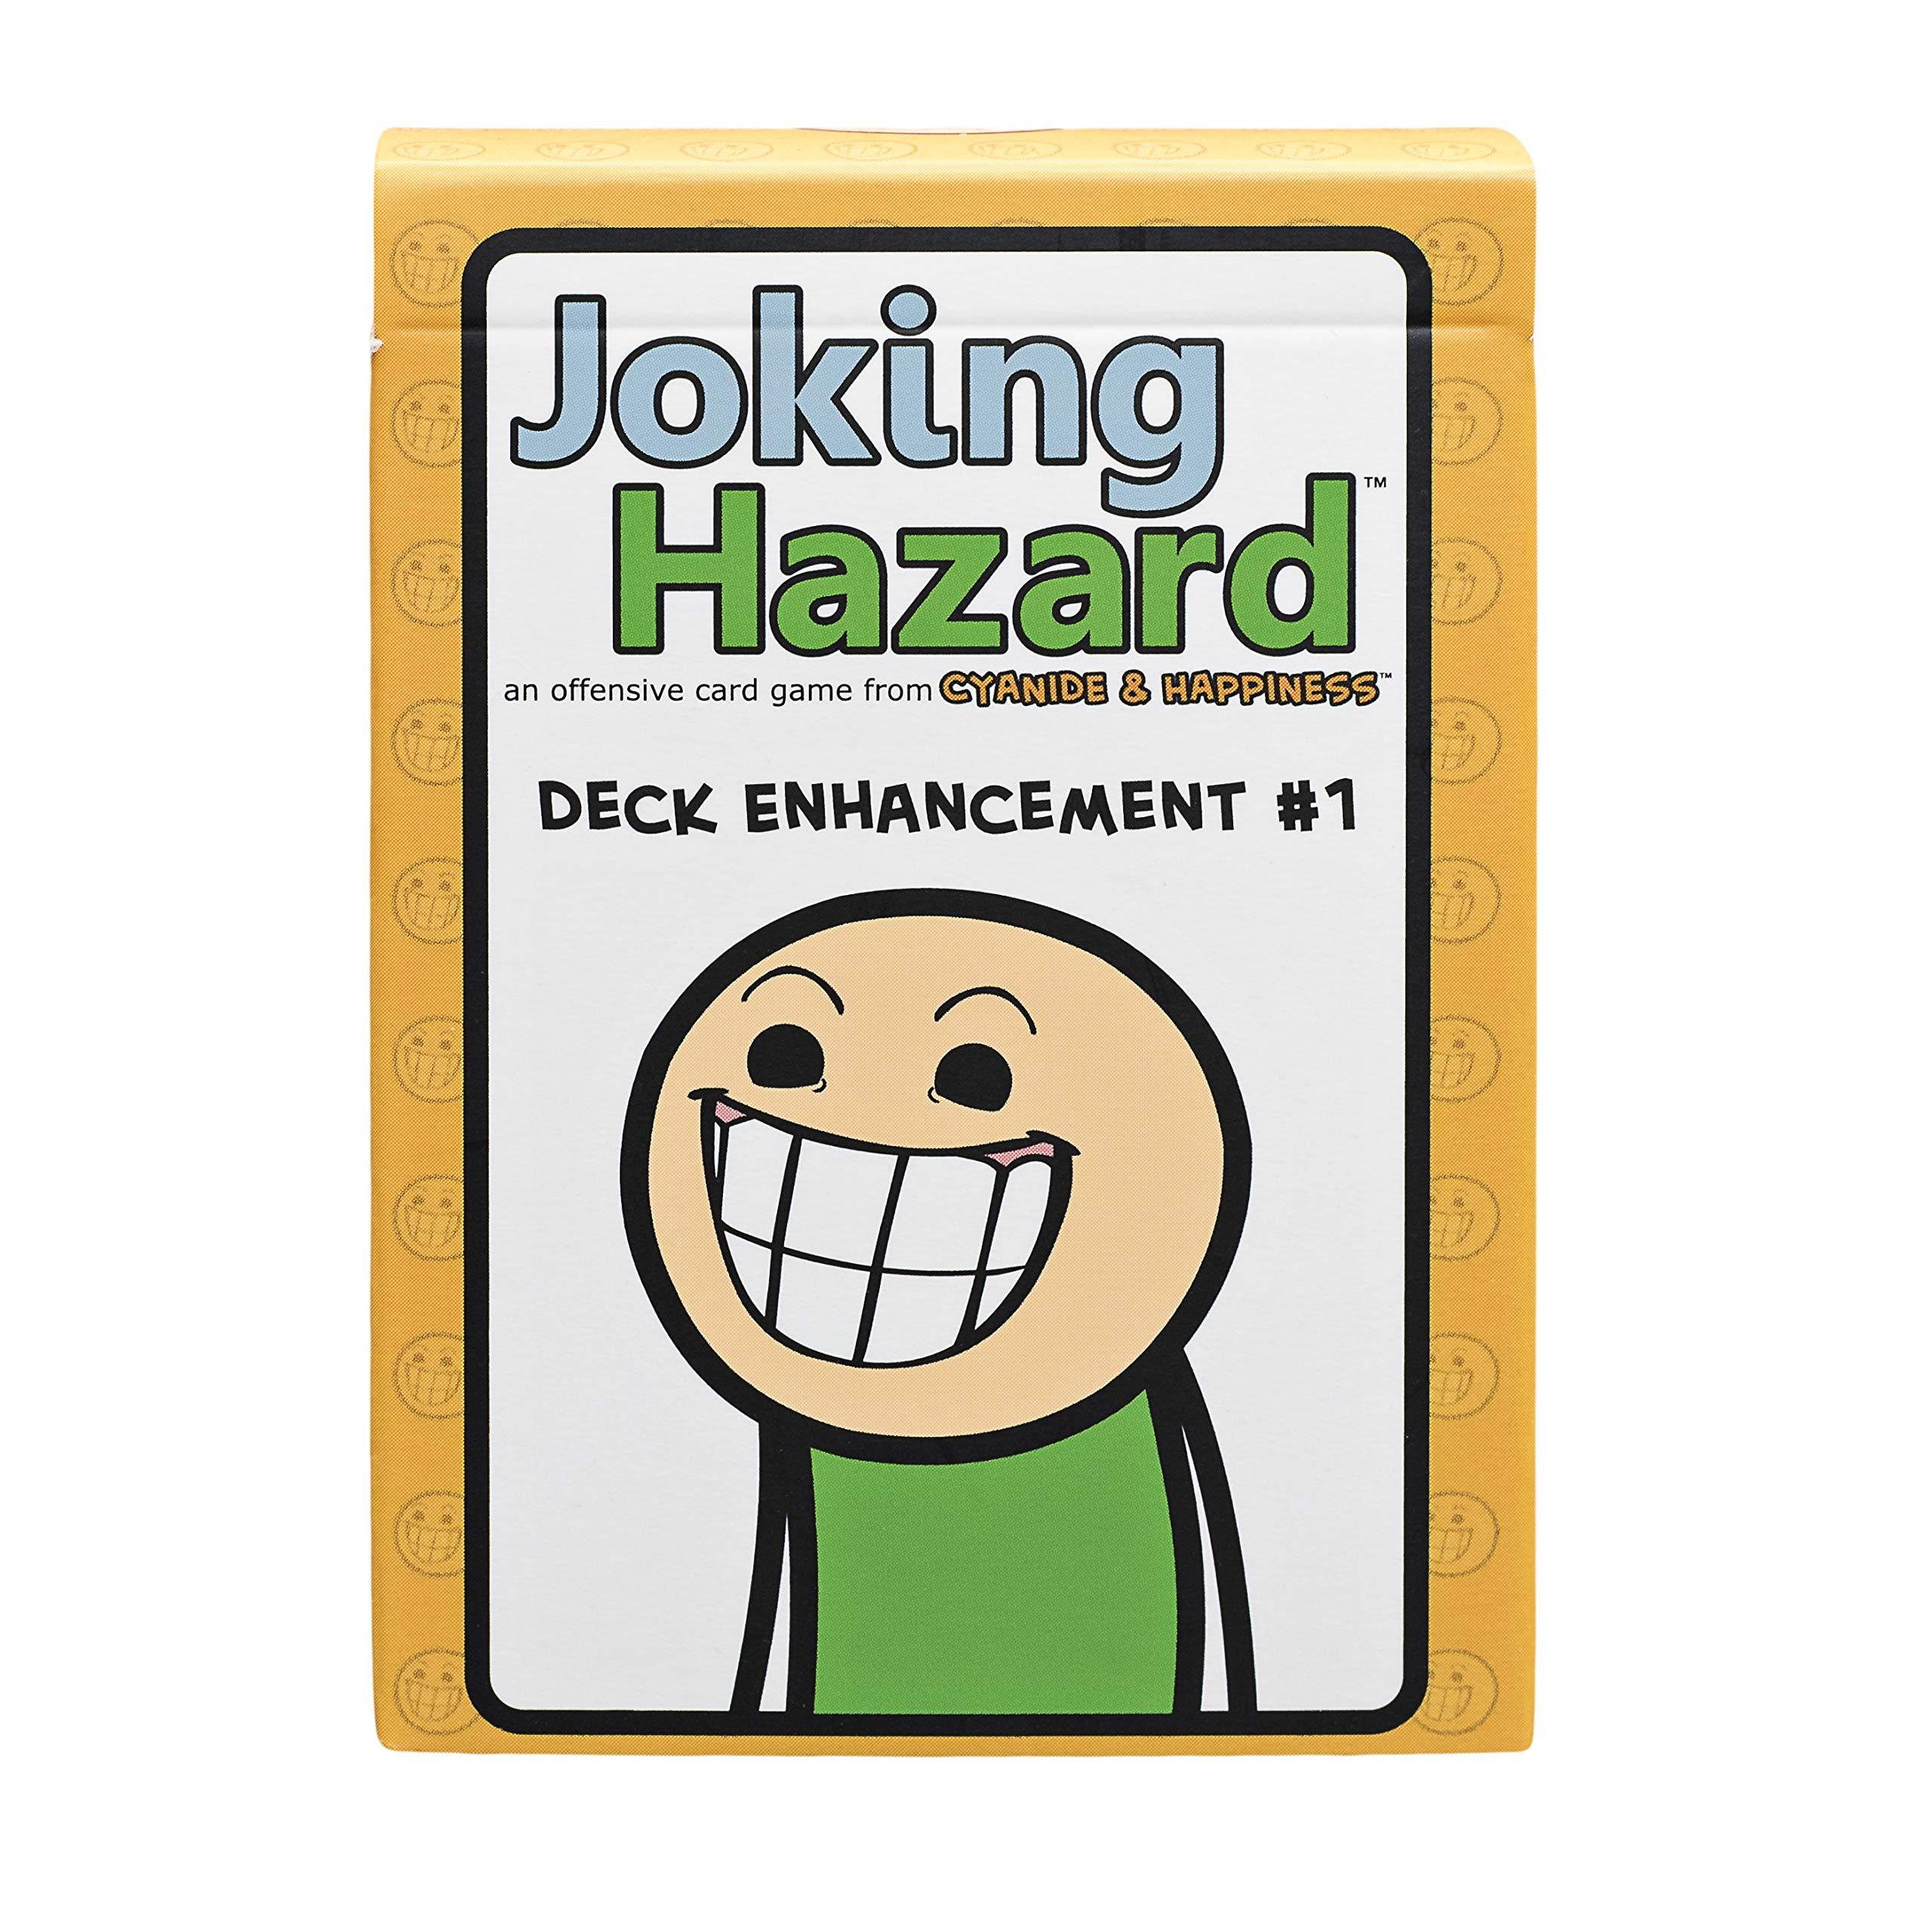 Joking Hazard LLC Deck Enhancement #1